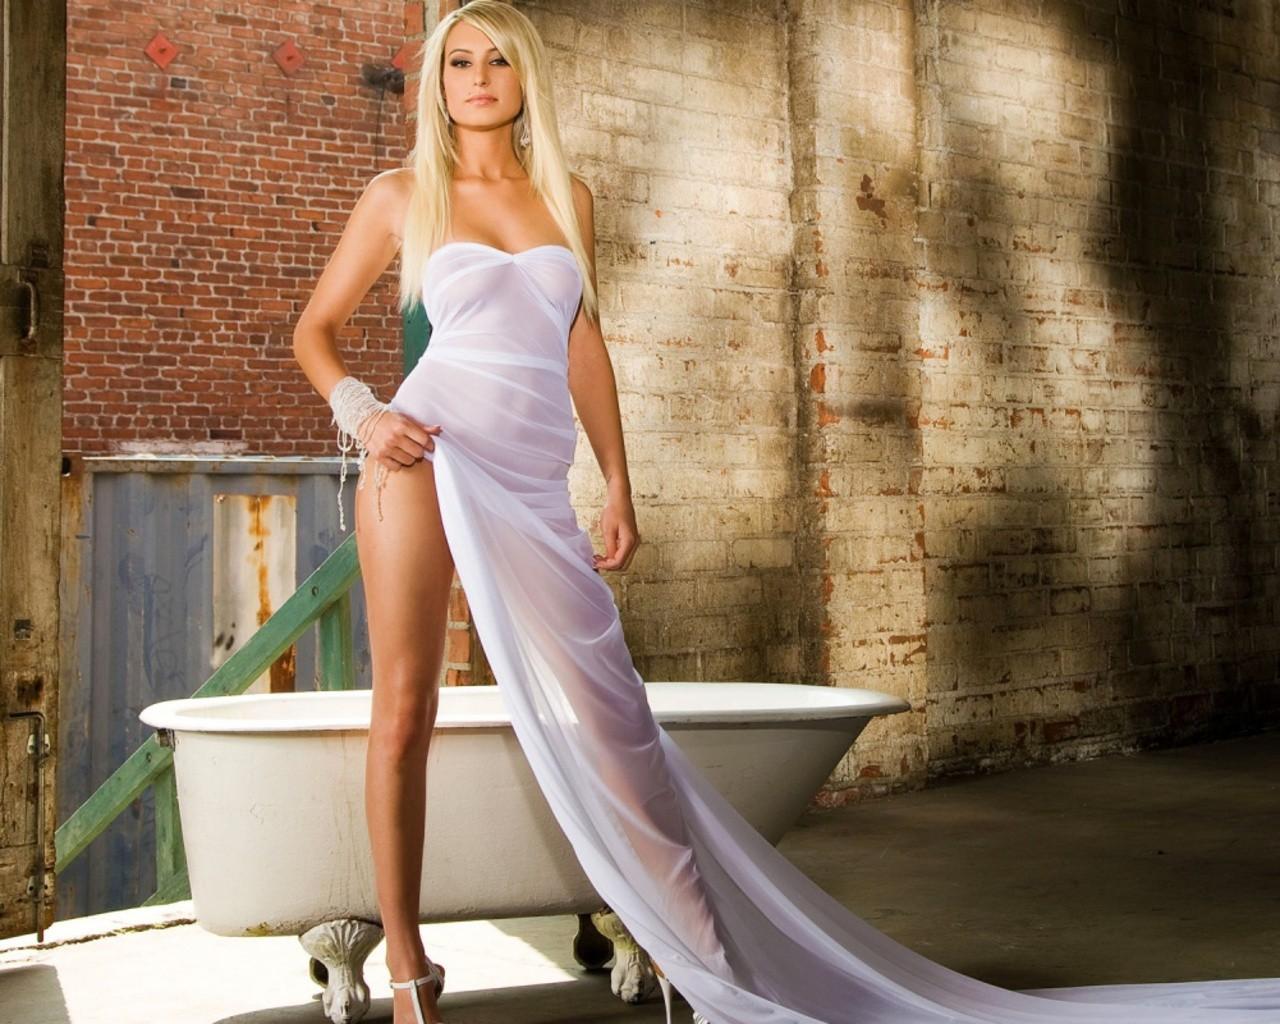 девушка в ванной фото блондинка почему